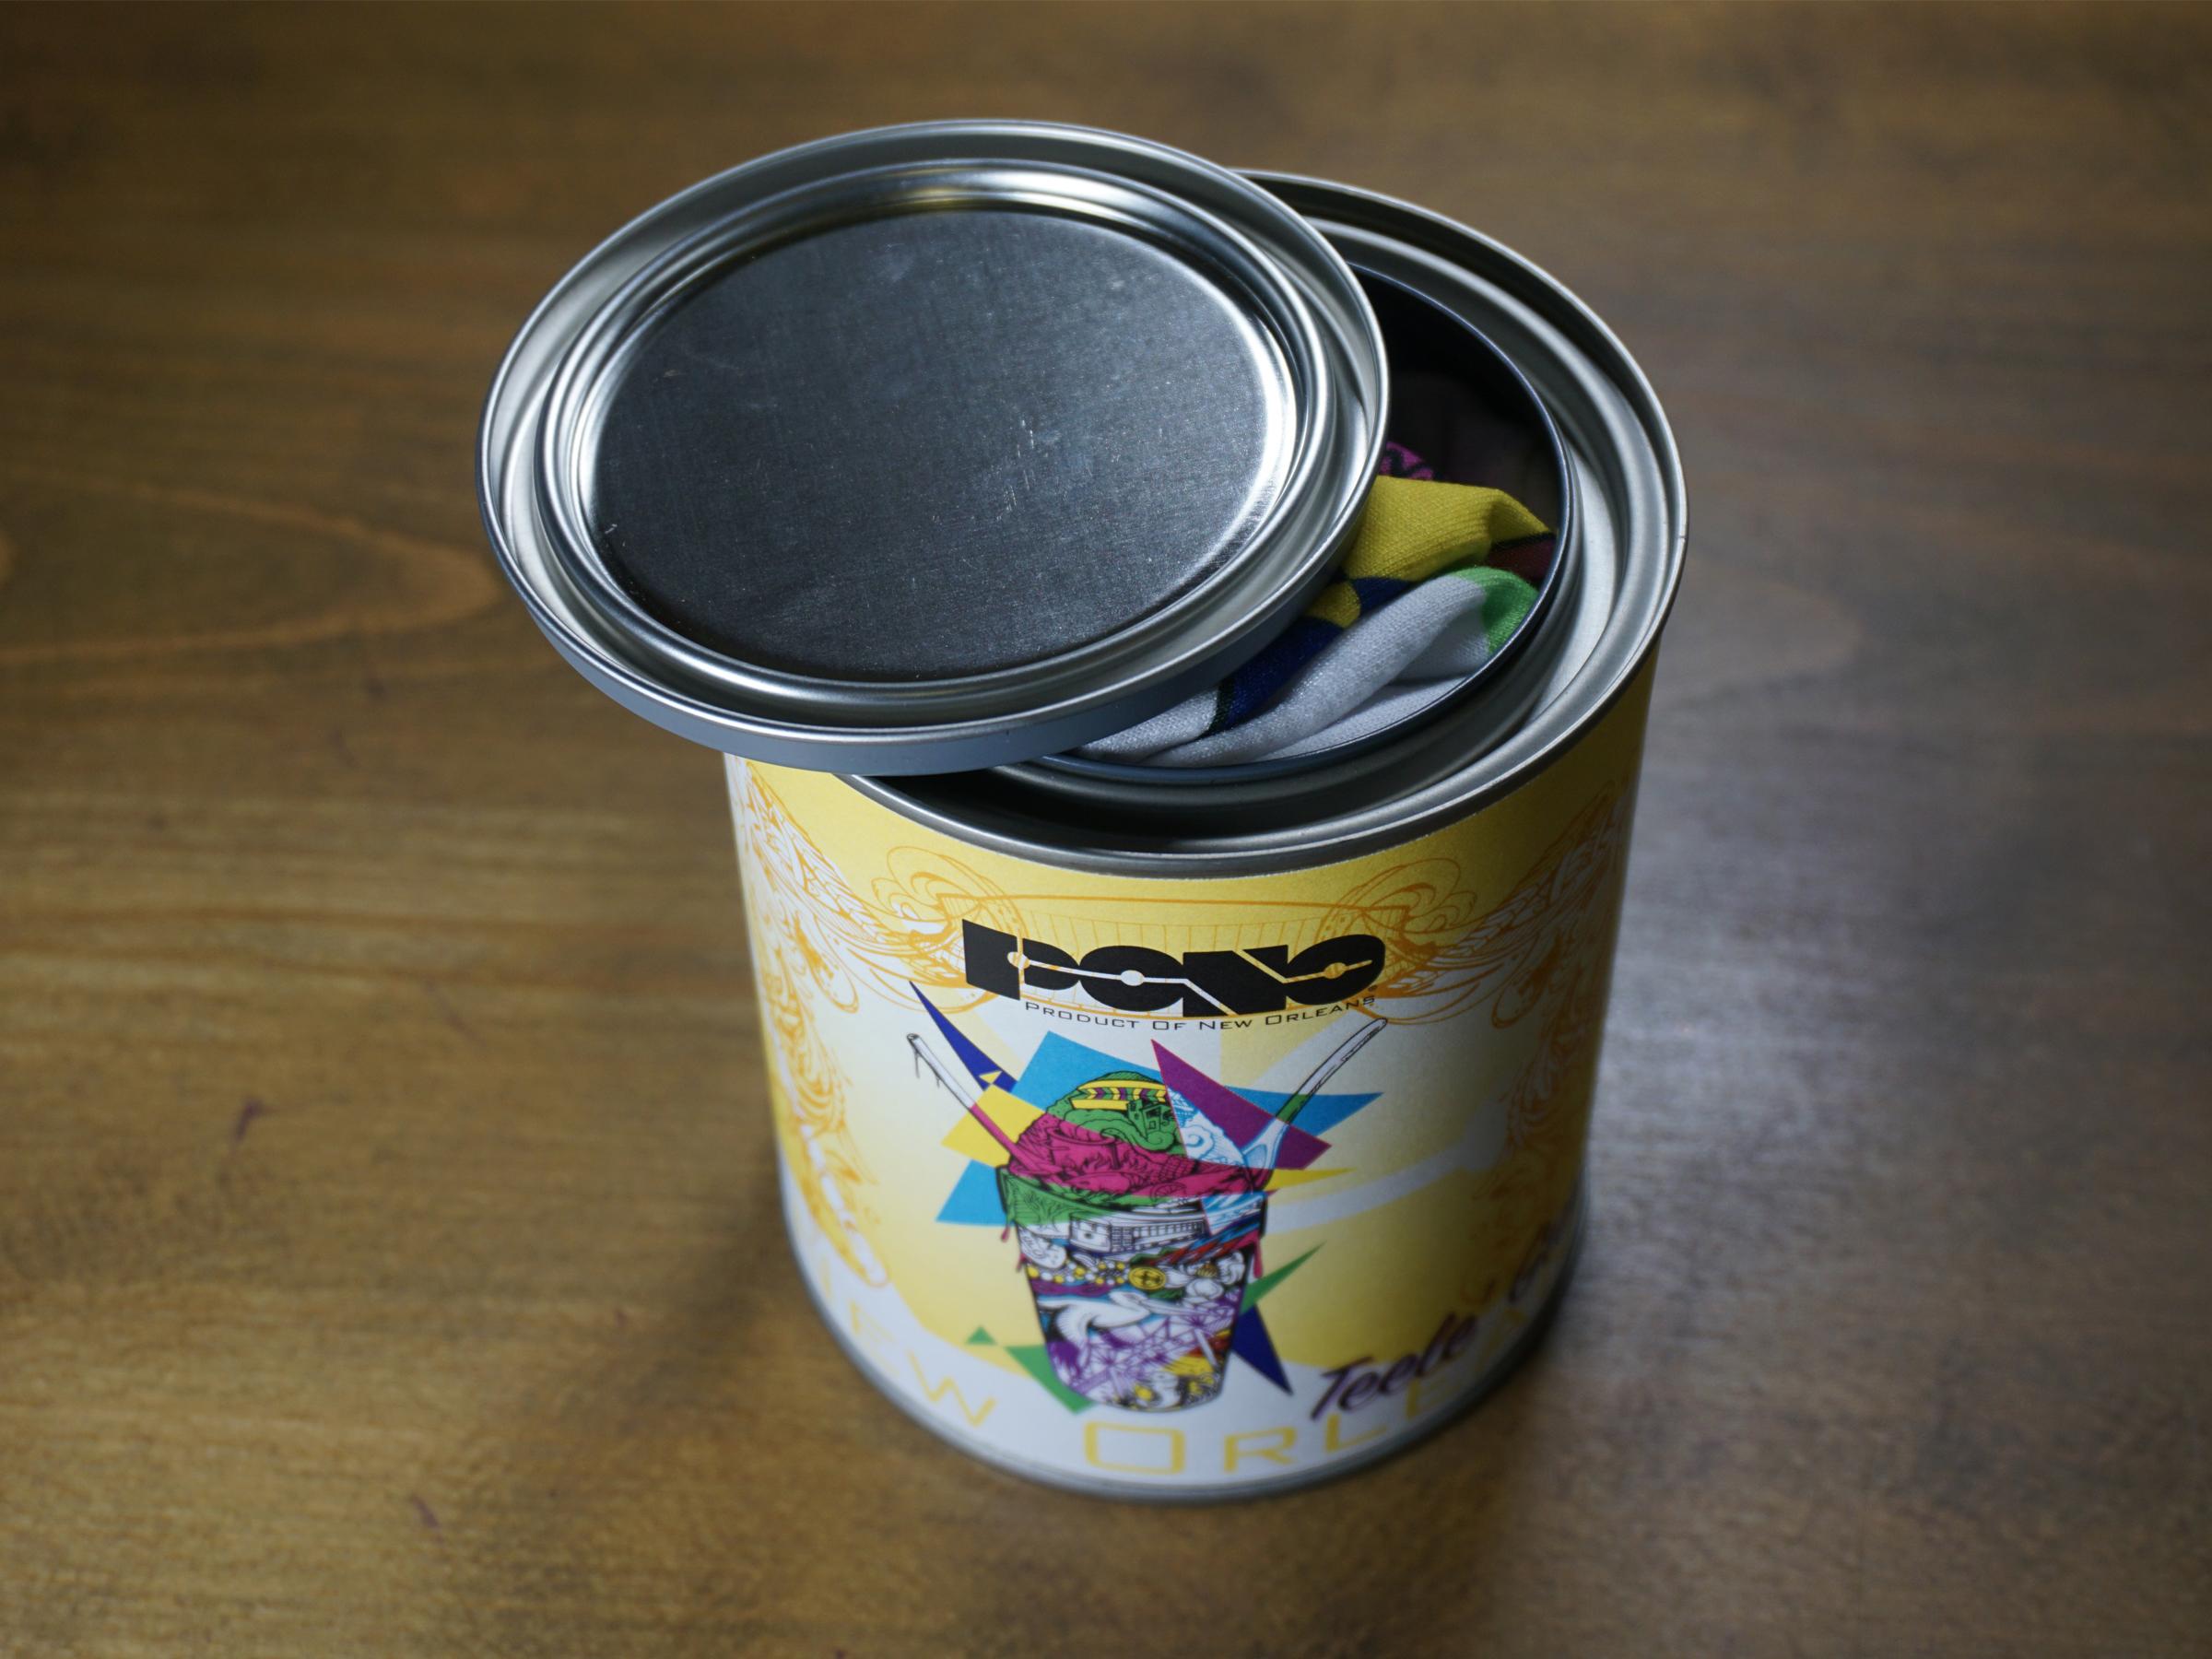 OPEN PONO TEELE' GUMBO CAN #2.jpg